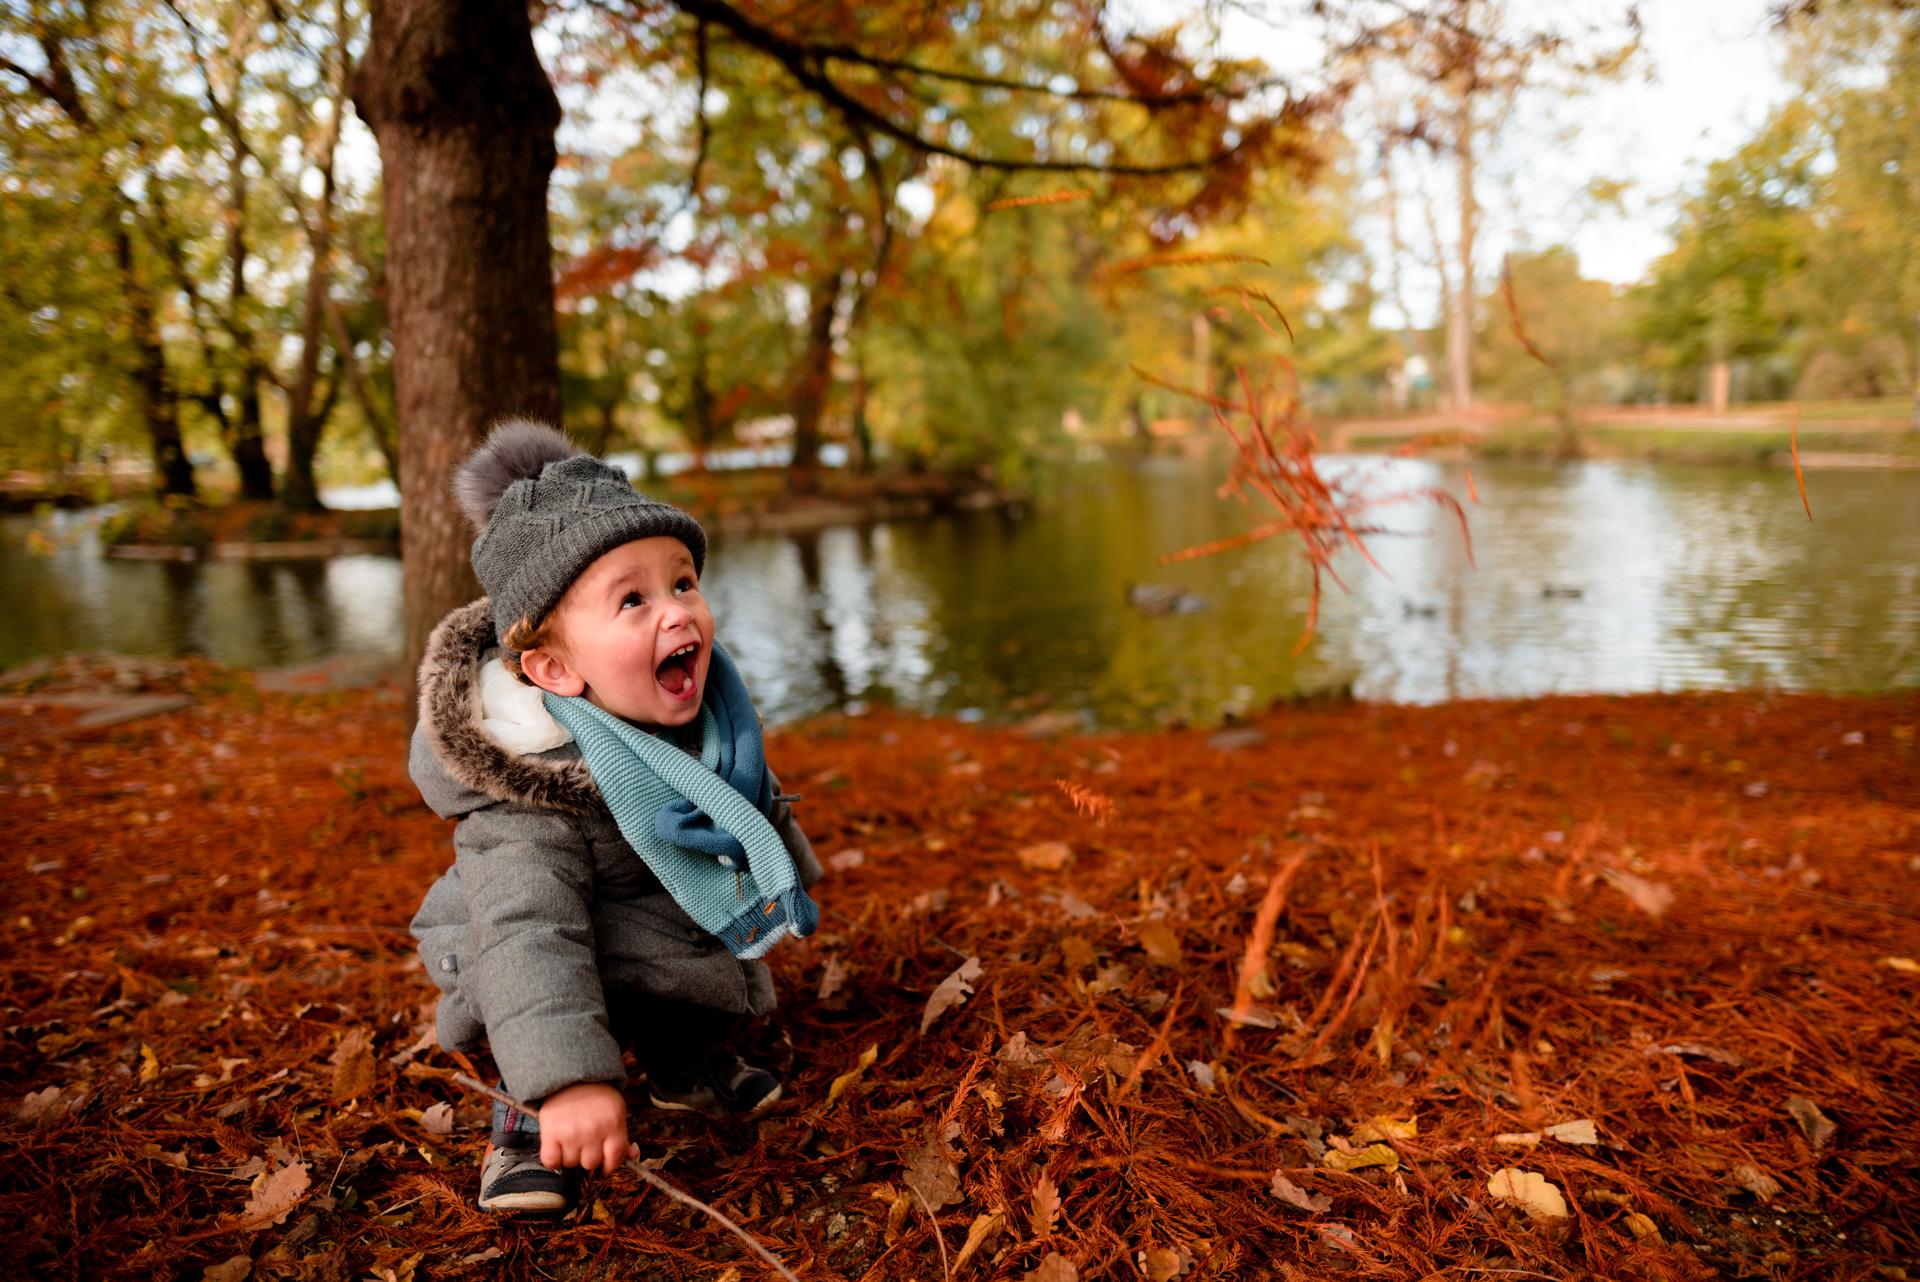 Photographe séance Yvelines automne Vésinet Chatou bébé famille joyeux lifestyle